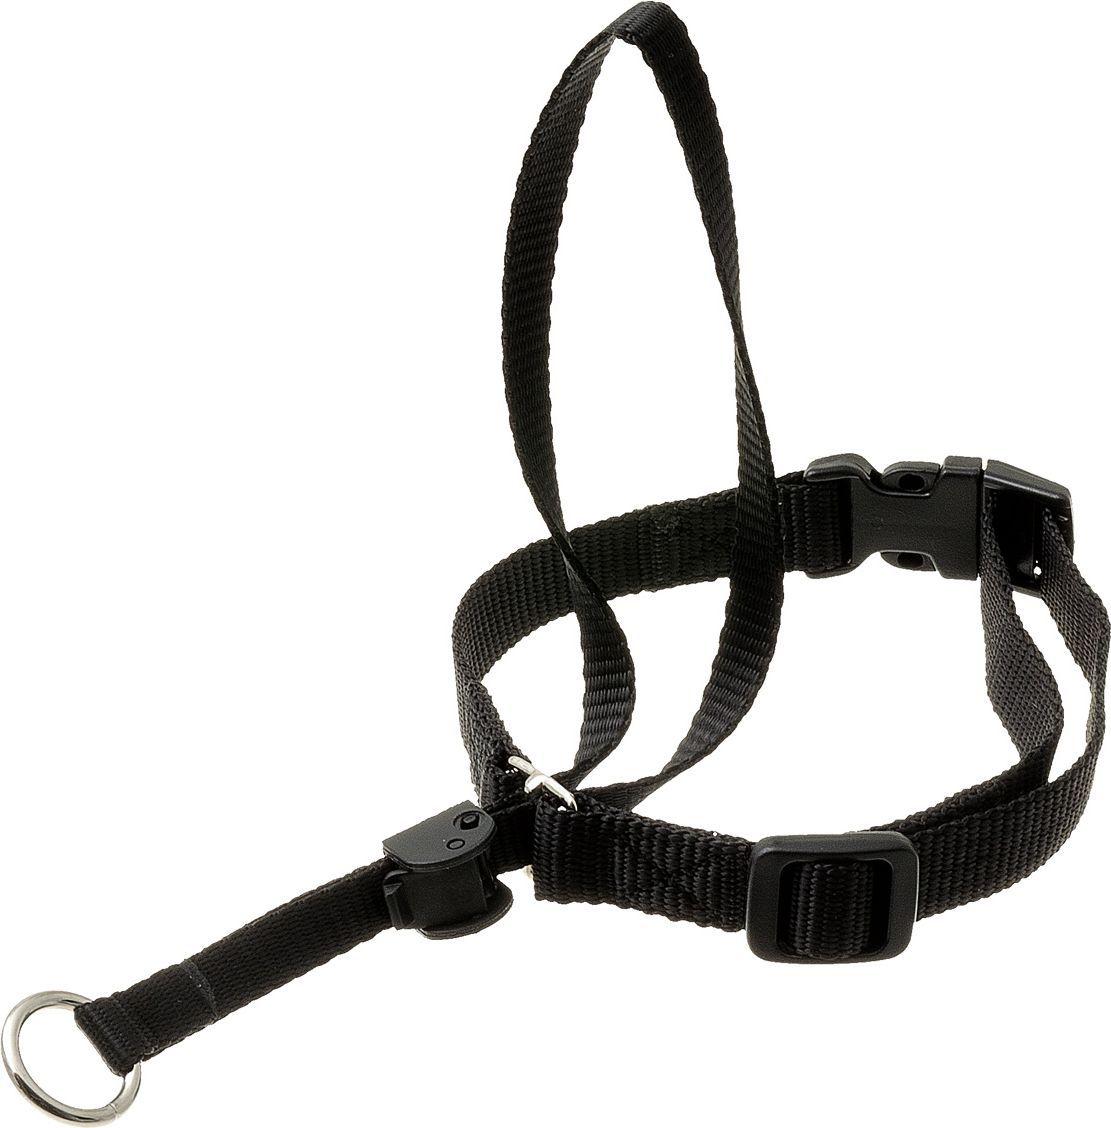 Недоуздок для собак V.I.Pet, цвет: черный. Размер 2 (шея 35-46 см) недоуздок для собак в иркутске